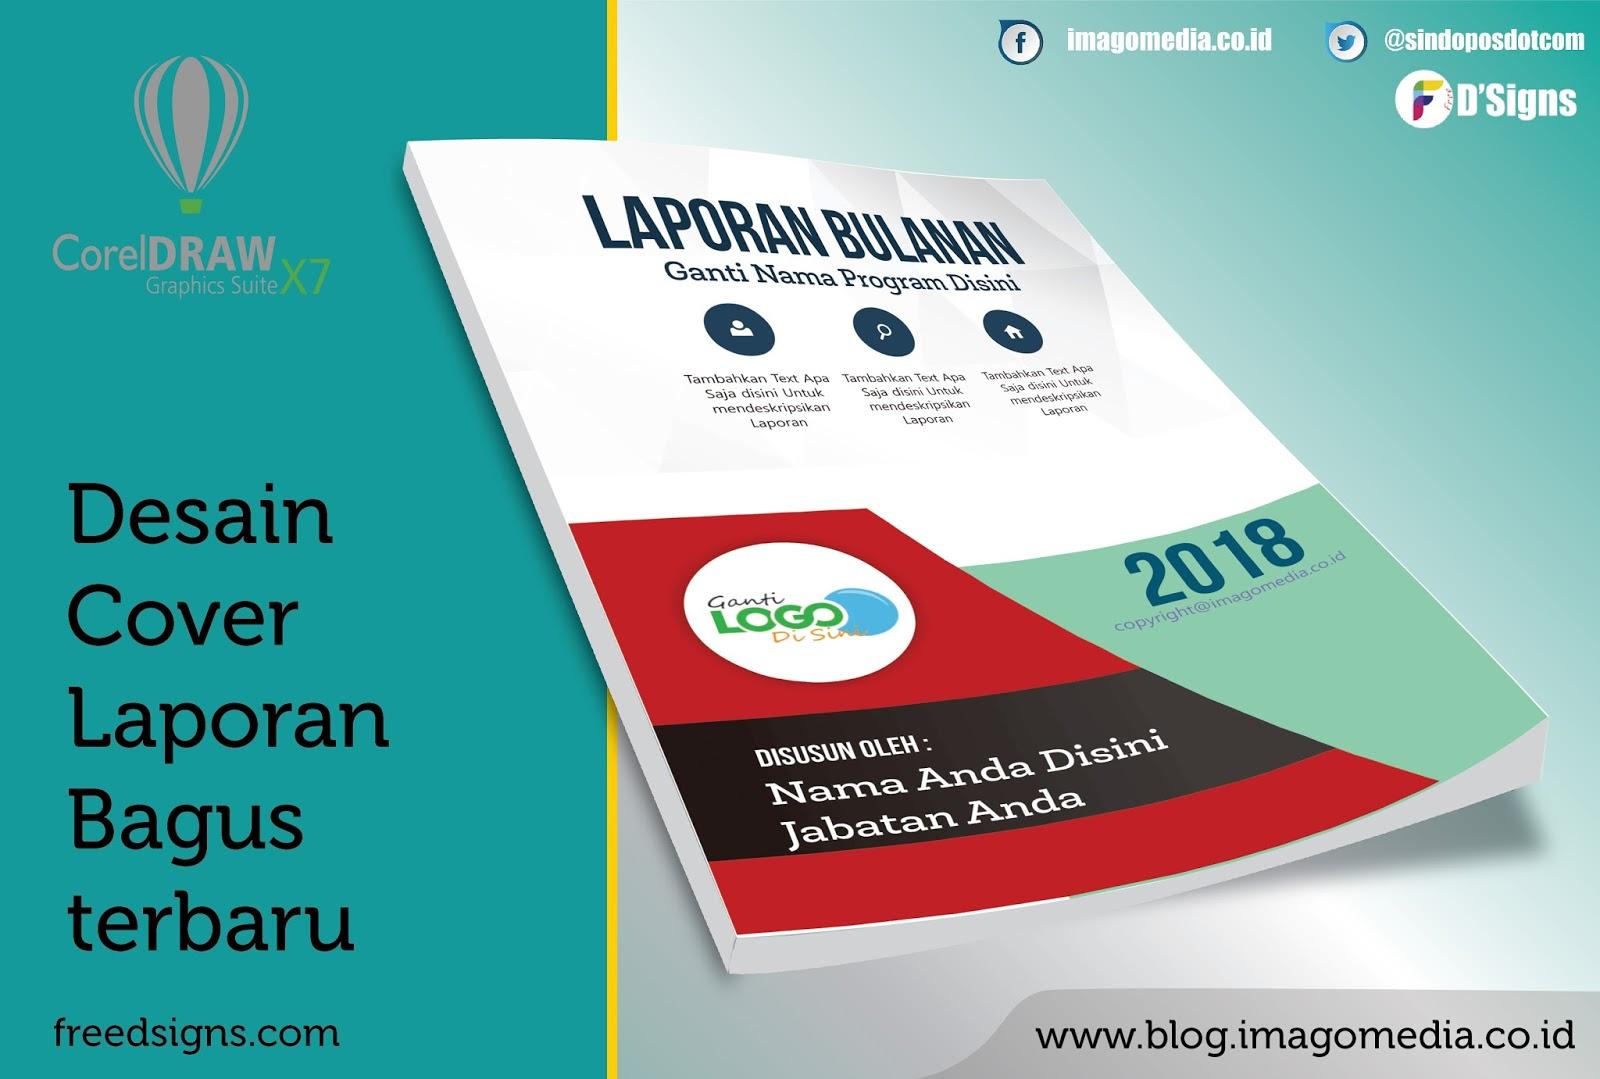 download_Desain_Cover_Laporan_bagus_terbaru